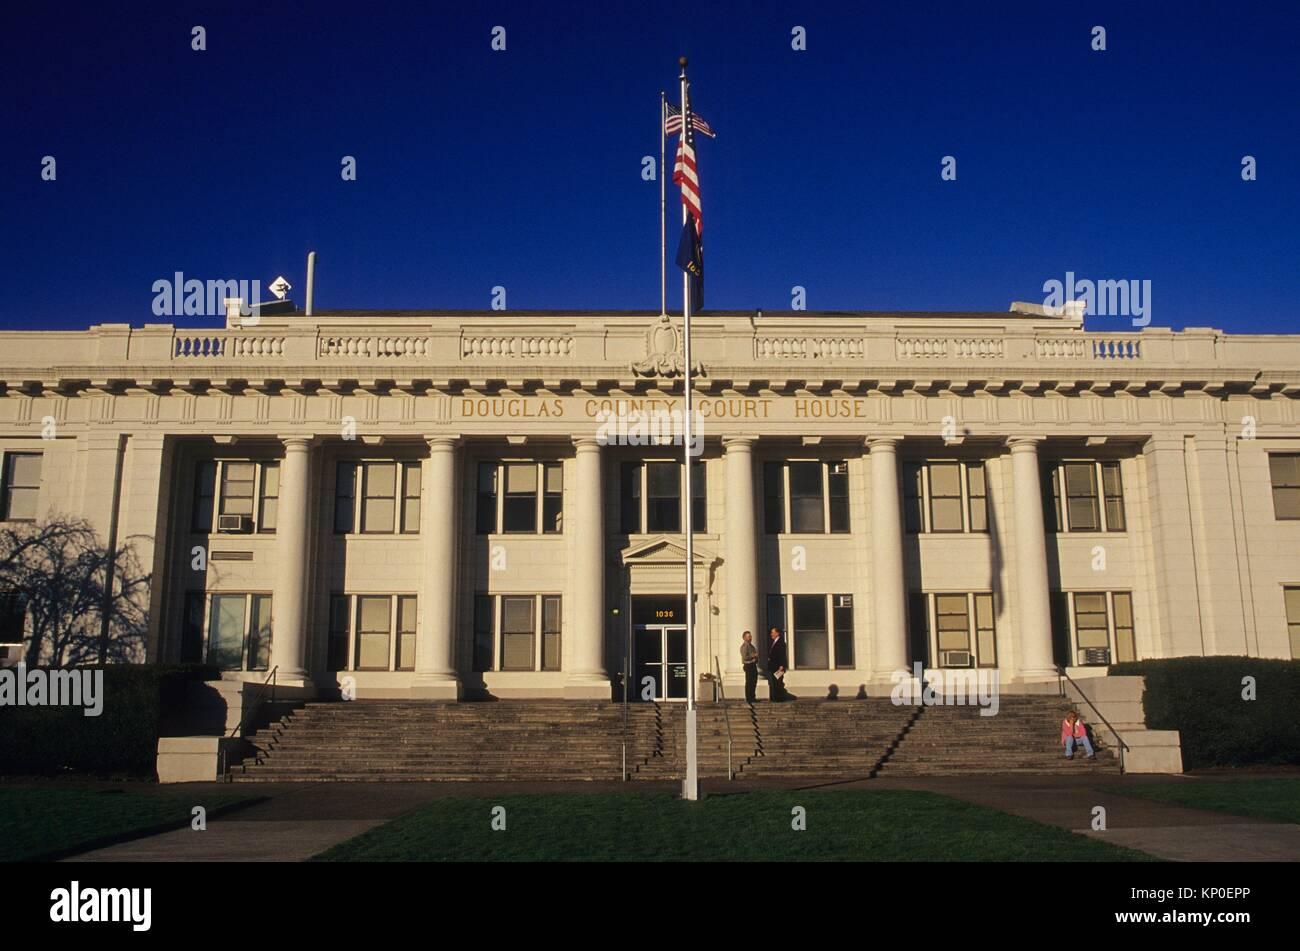 Douglas County Courthouse, Roseburg, Oregon. - Stock Image